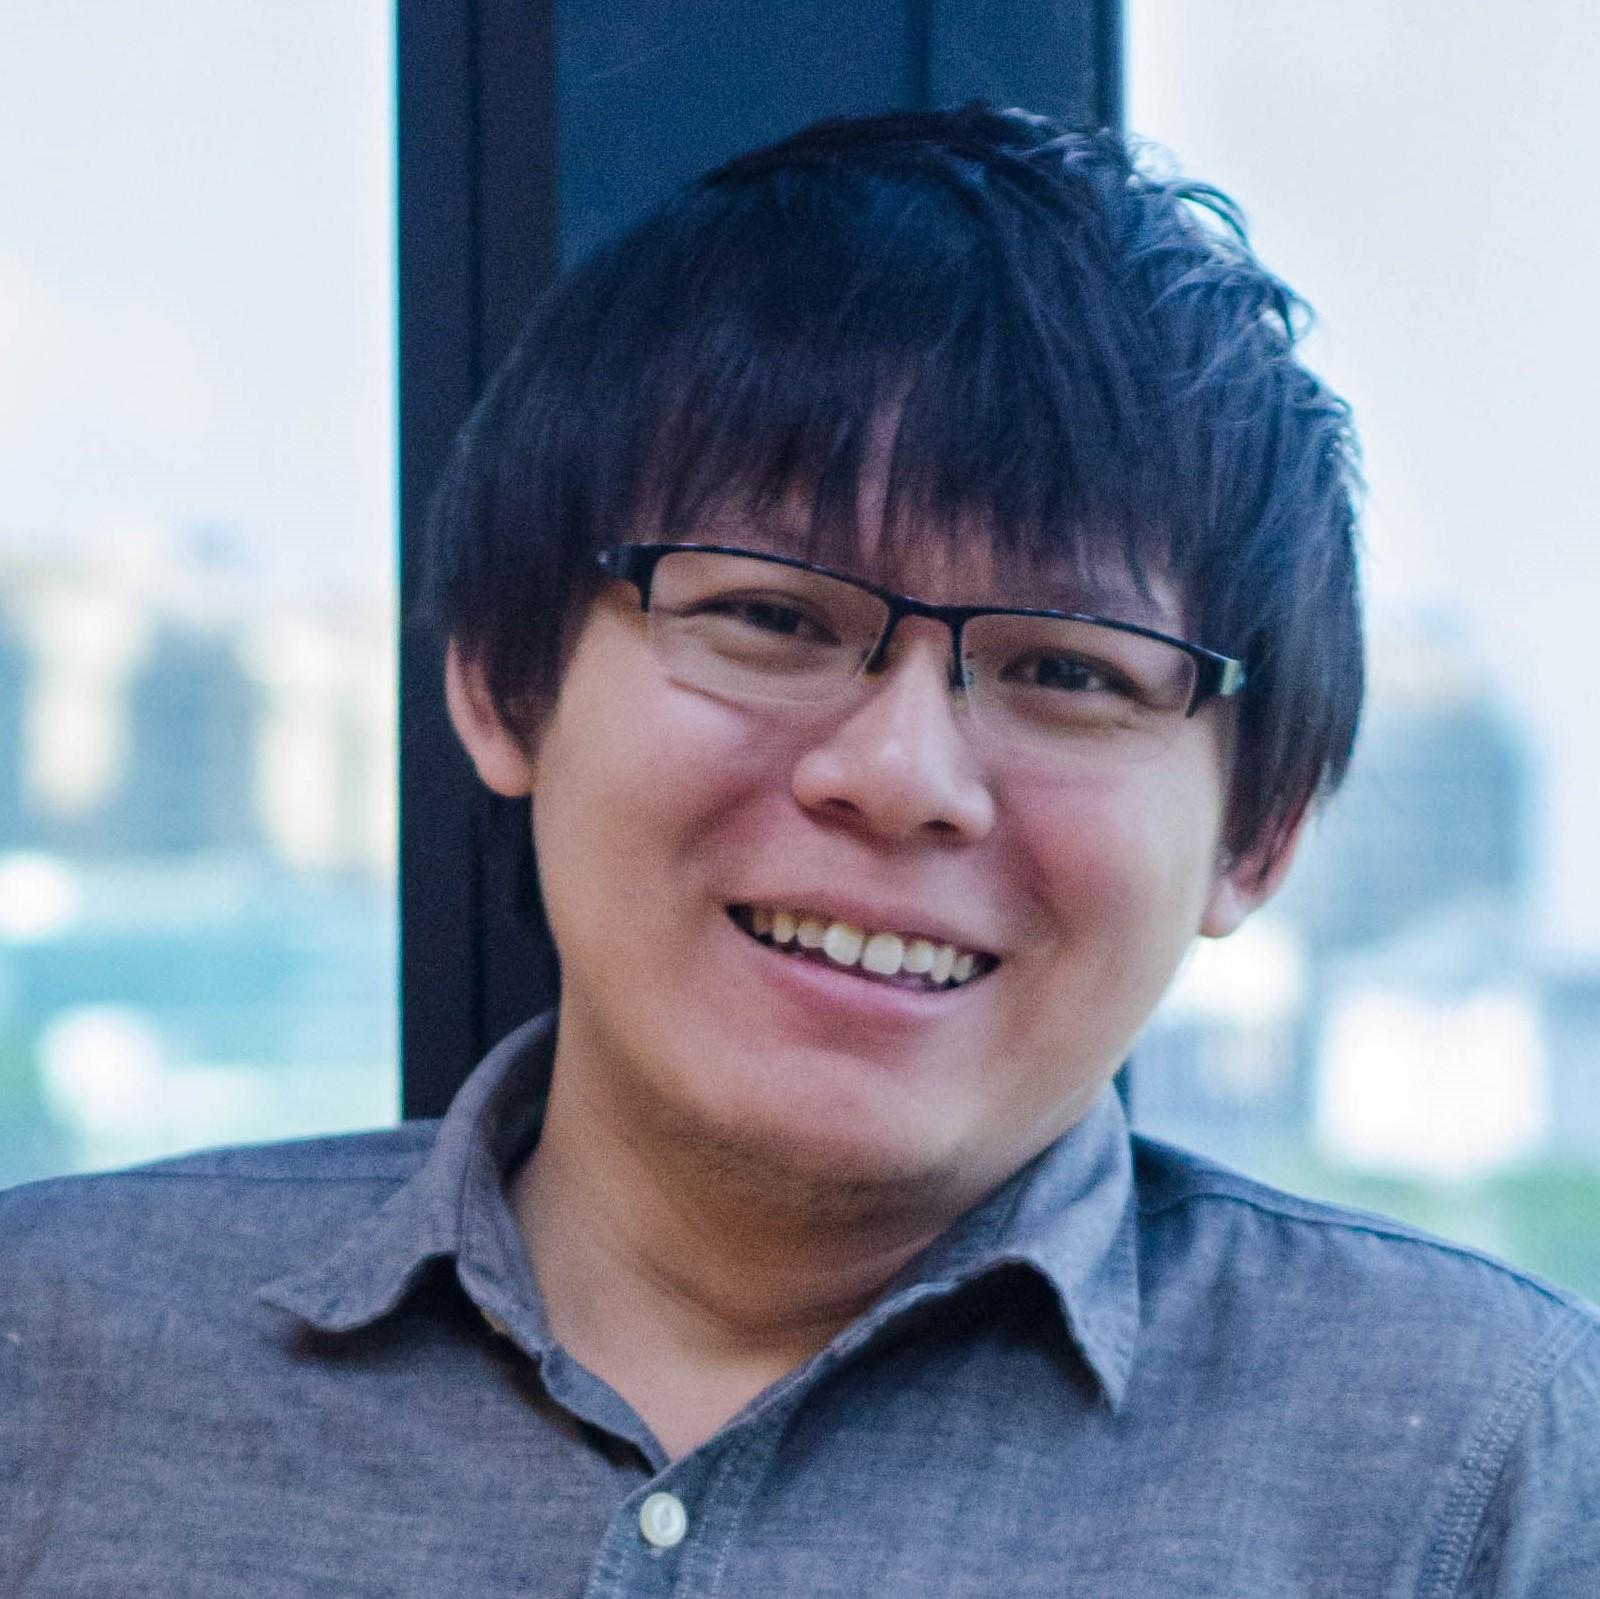 Min Xin